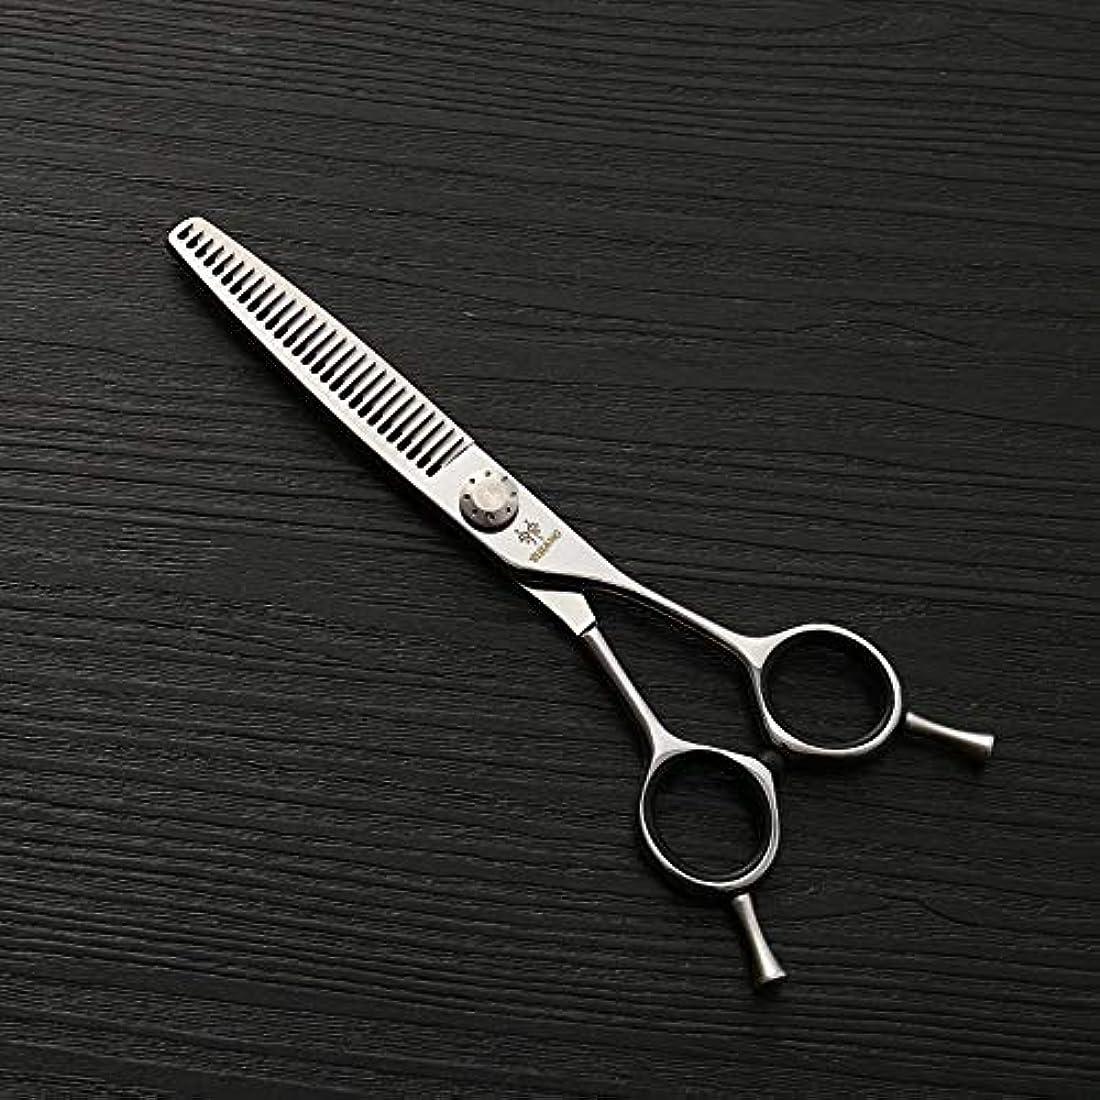 明らかに熟練した継承6インチの美容院の専門のステンレス鋼の毛の切断用具はさみ、細い歯の切断の魚骨はさみ モデリングツール (色 : Silver)